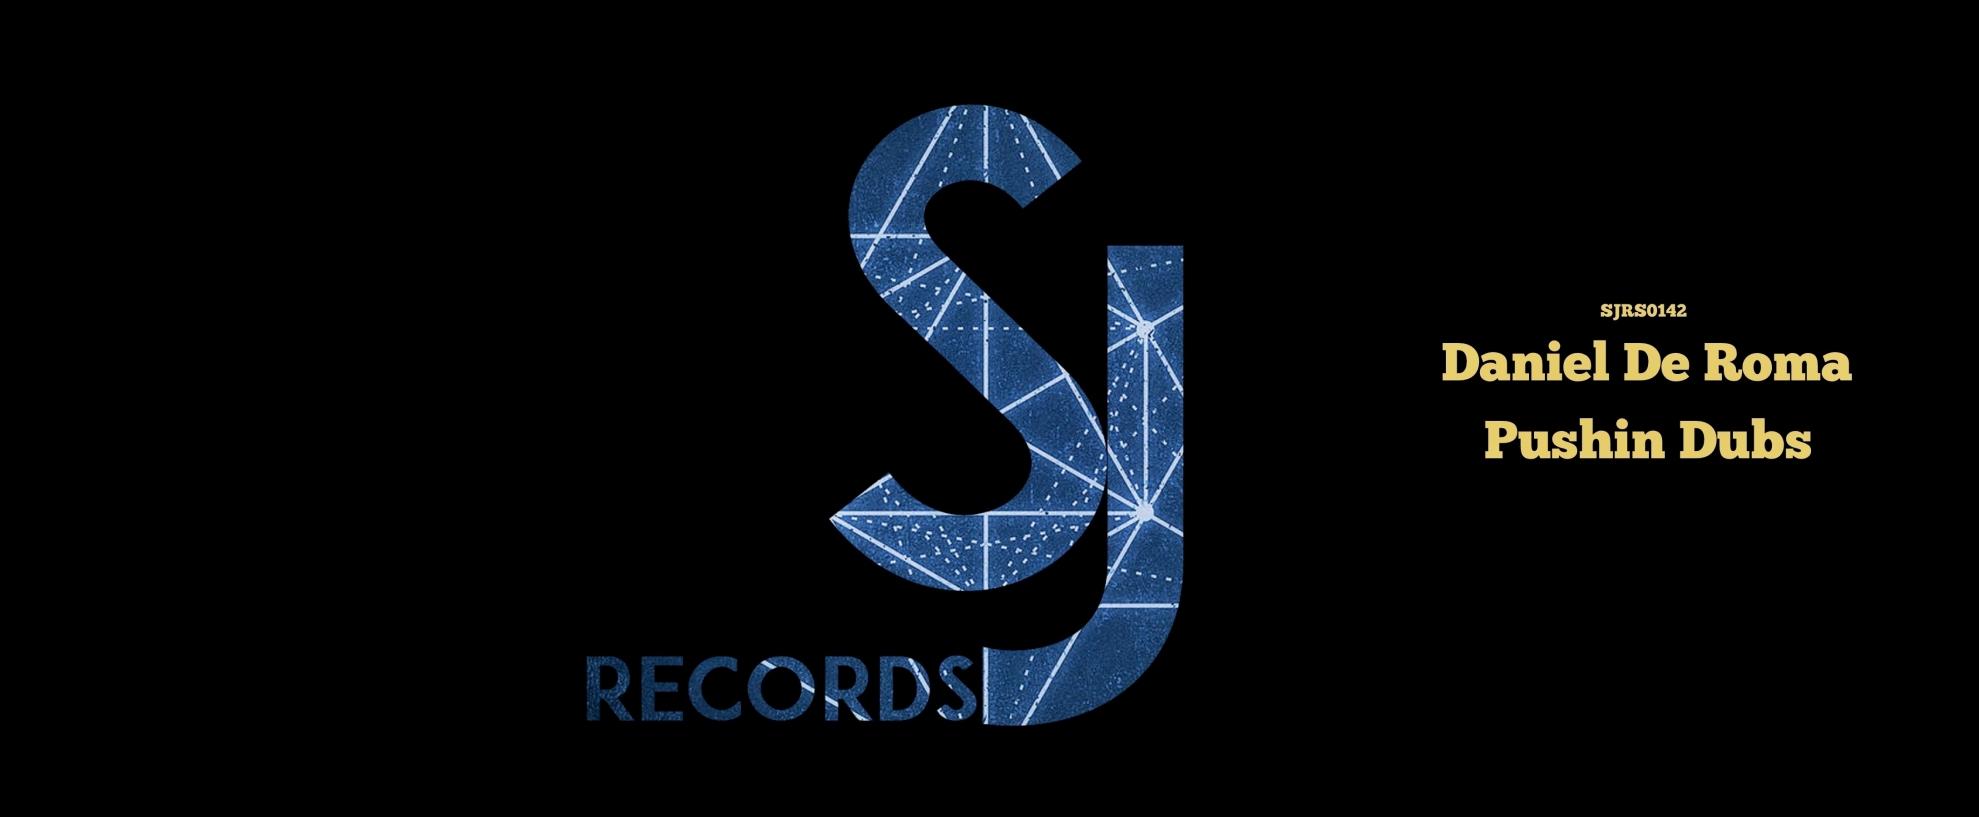 SJRS0142-slide